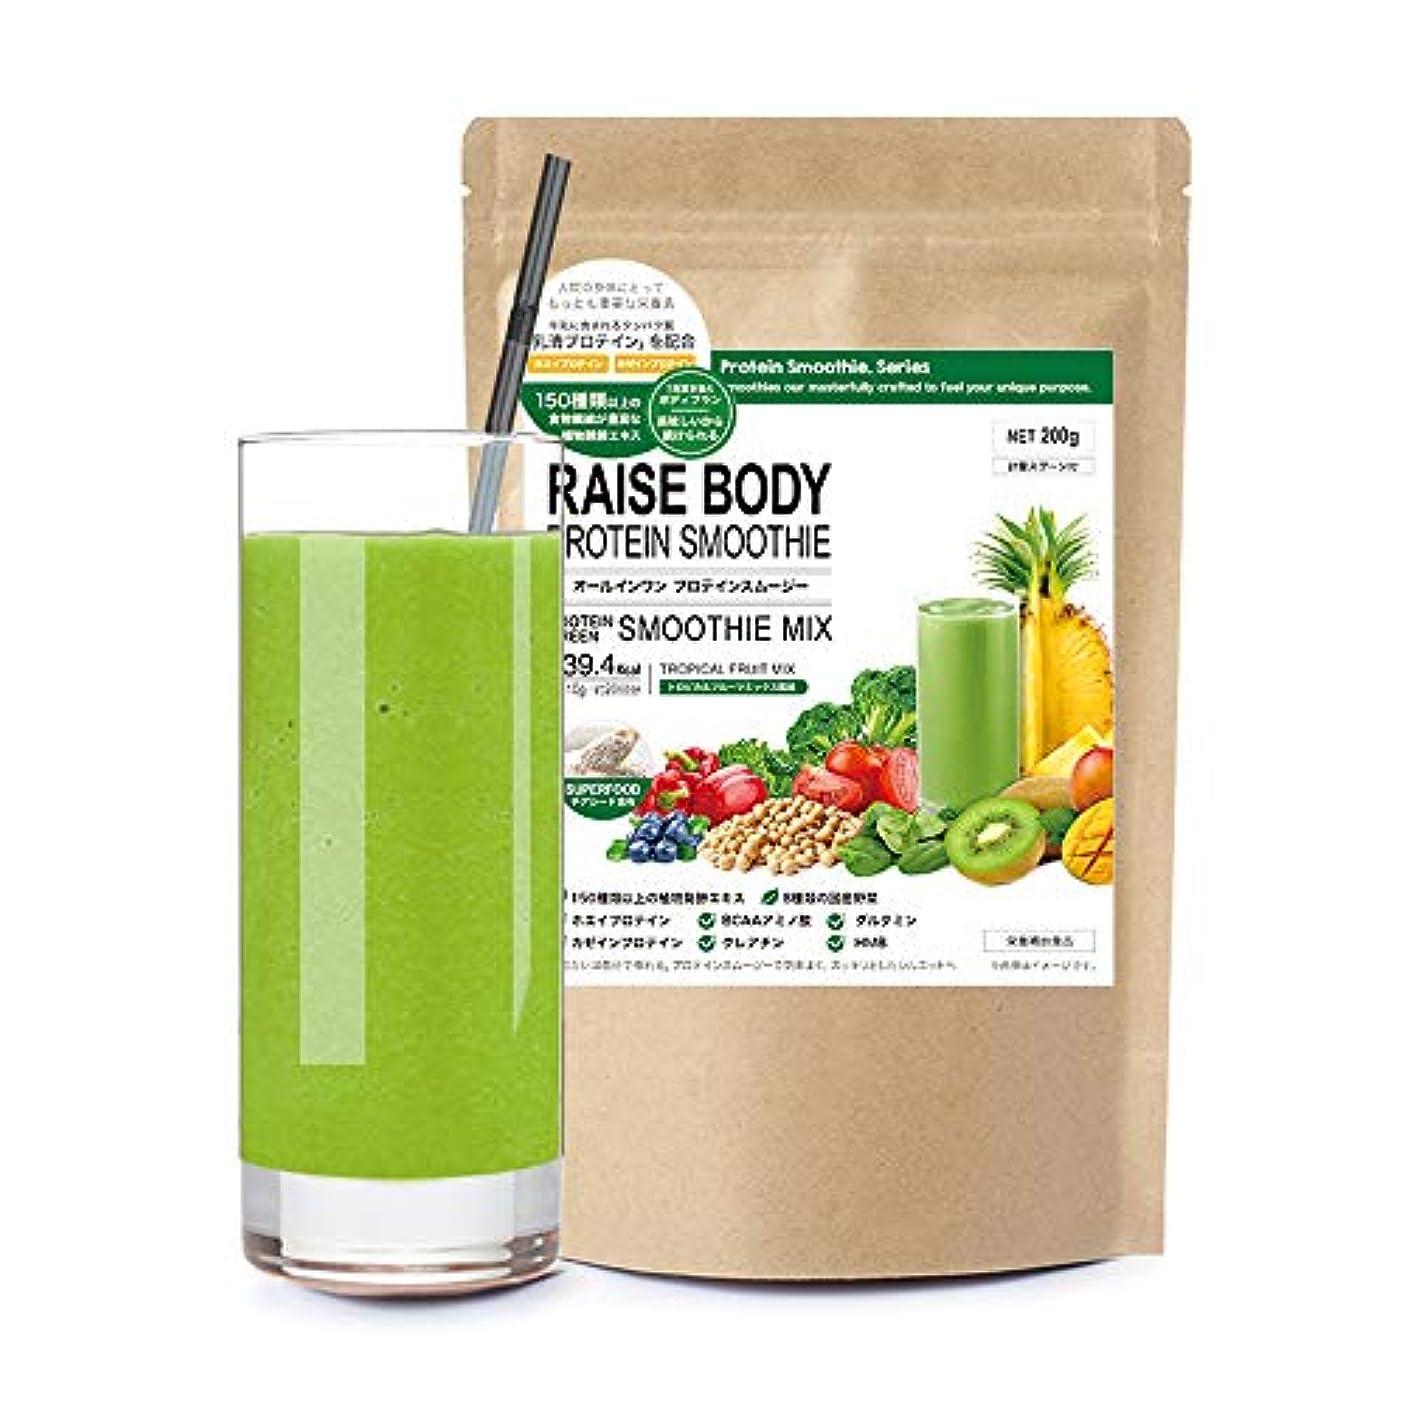 生じる海外でコントローラスムージー プロテイン ダイエット シェイク ミネラル酵素 置き換え トロピカルフルーツ風味 RAISE BODY 200g(20回分)